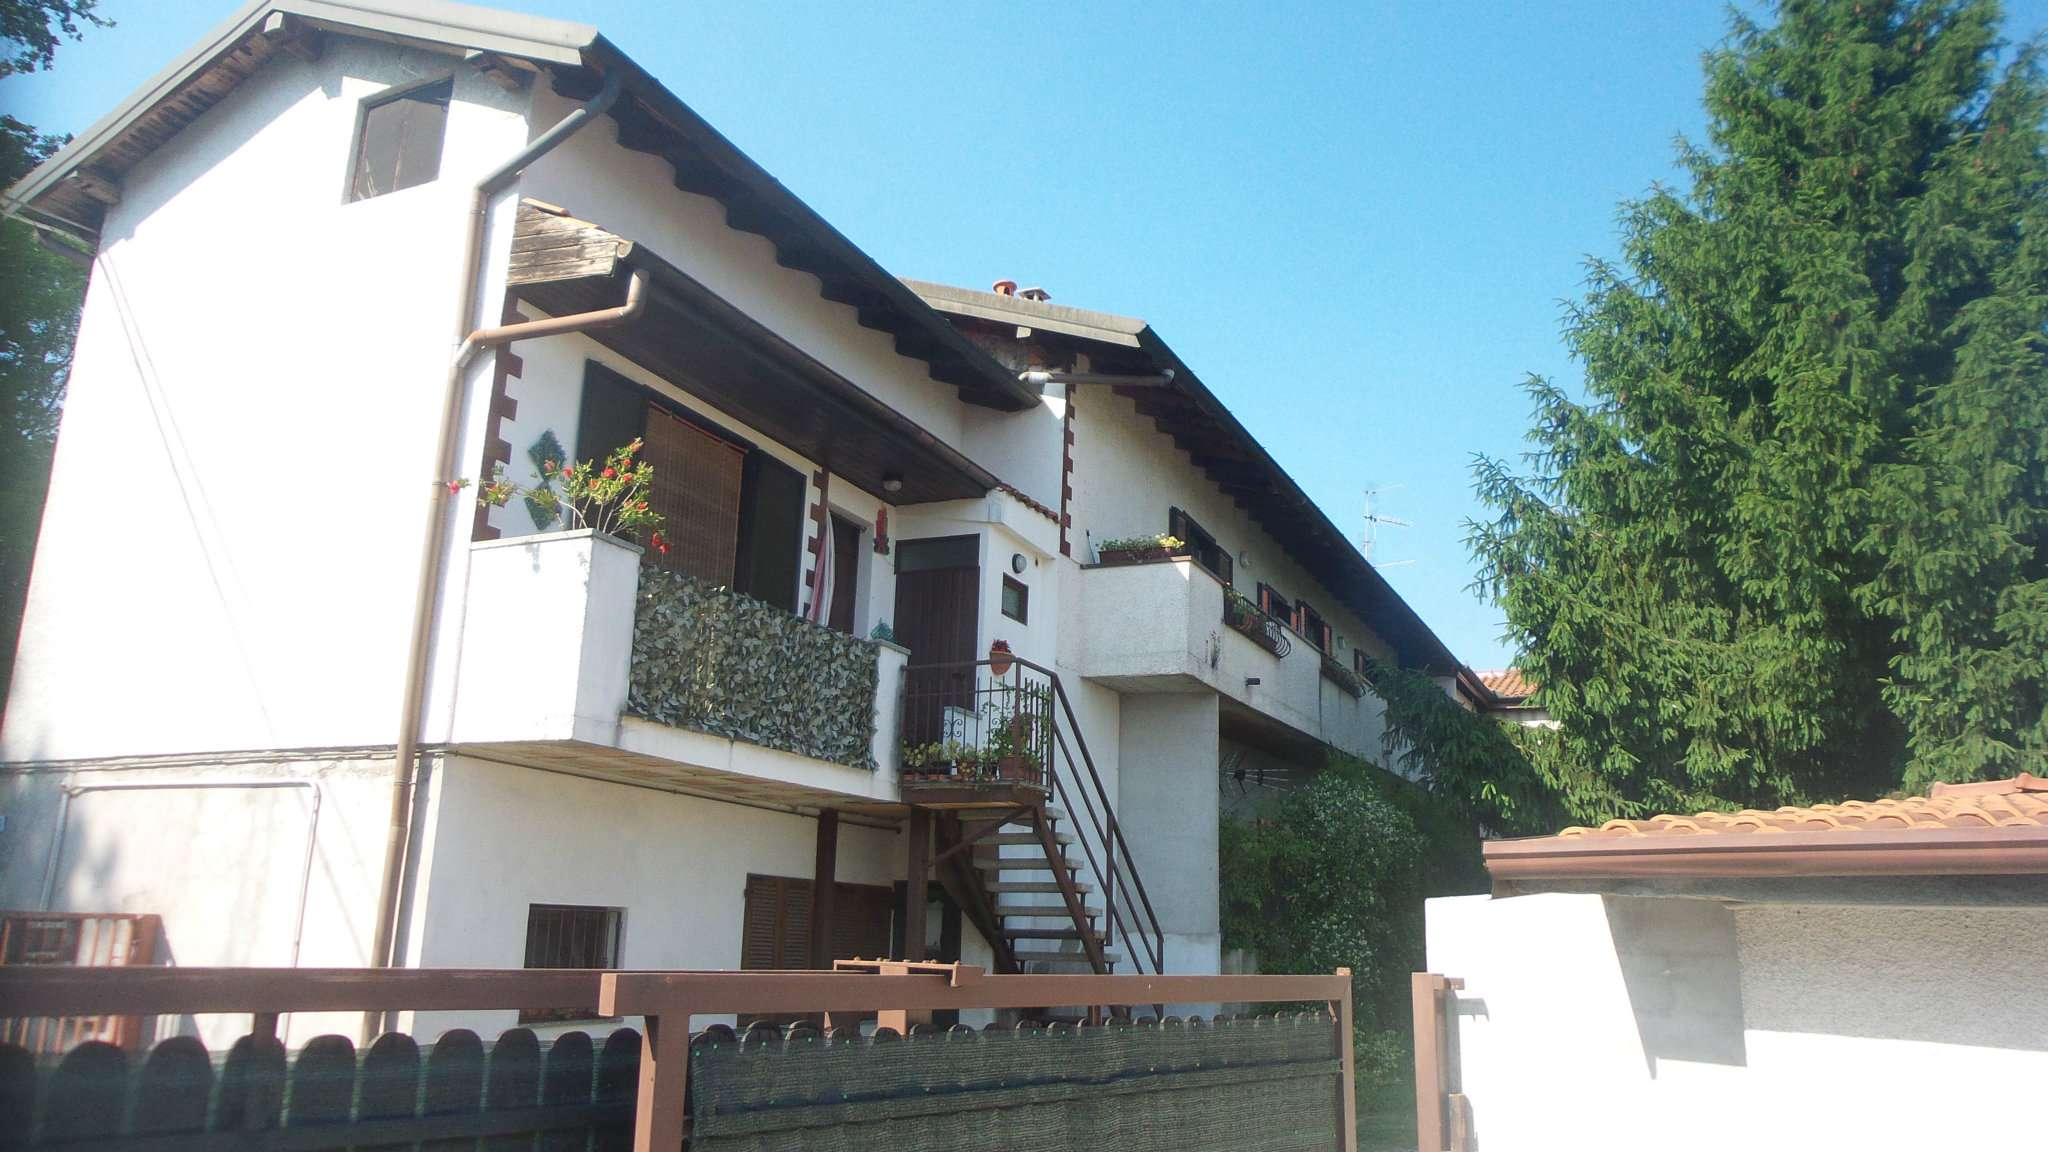 Soluzione Indipendente in vendita a Solbiate Arno, 3 locali, prezzo € 150.000 | CambioCasa.it